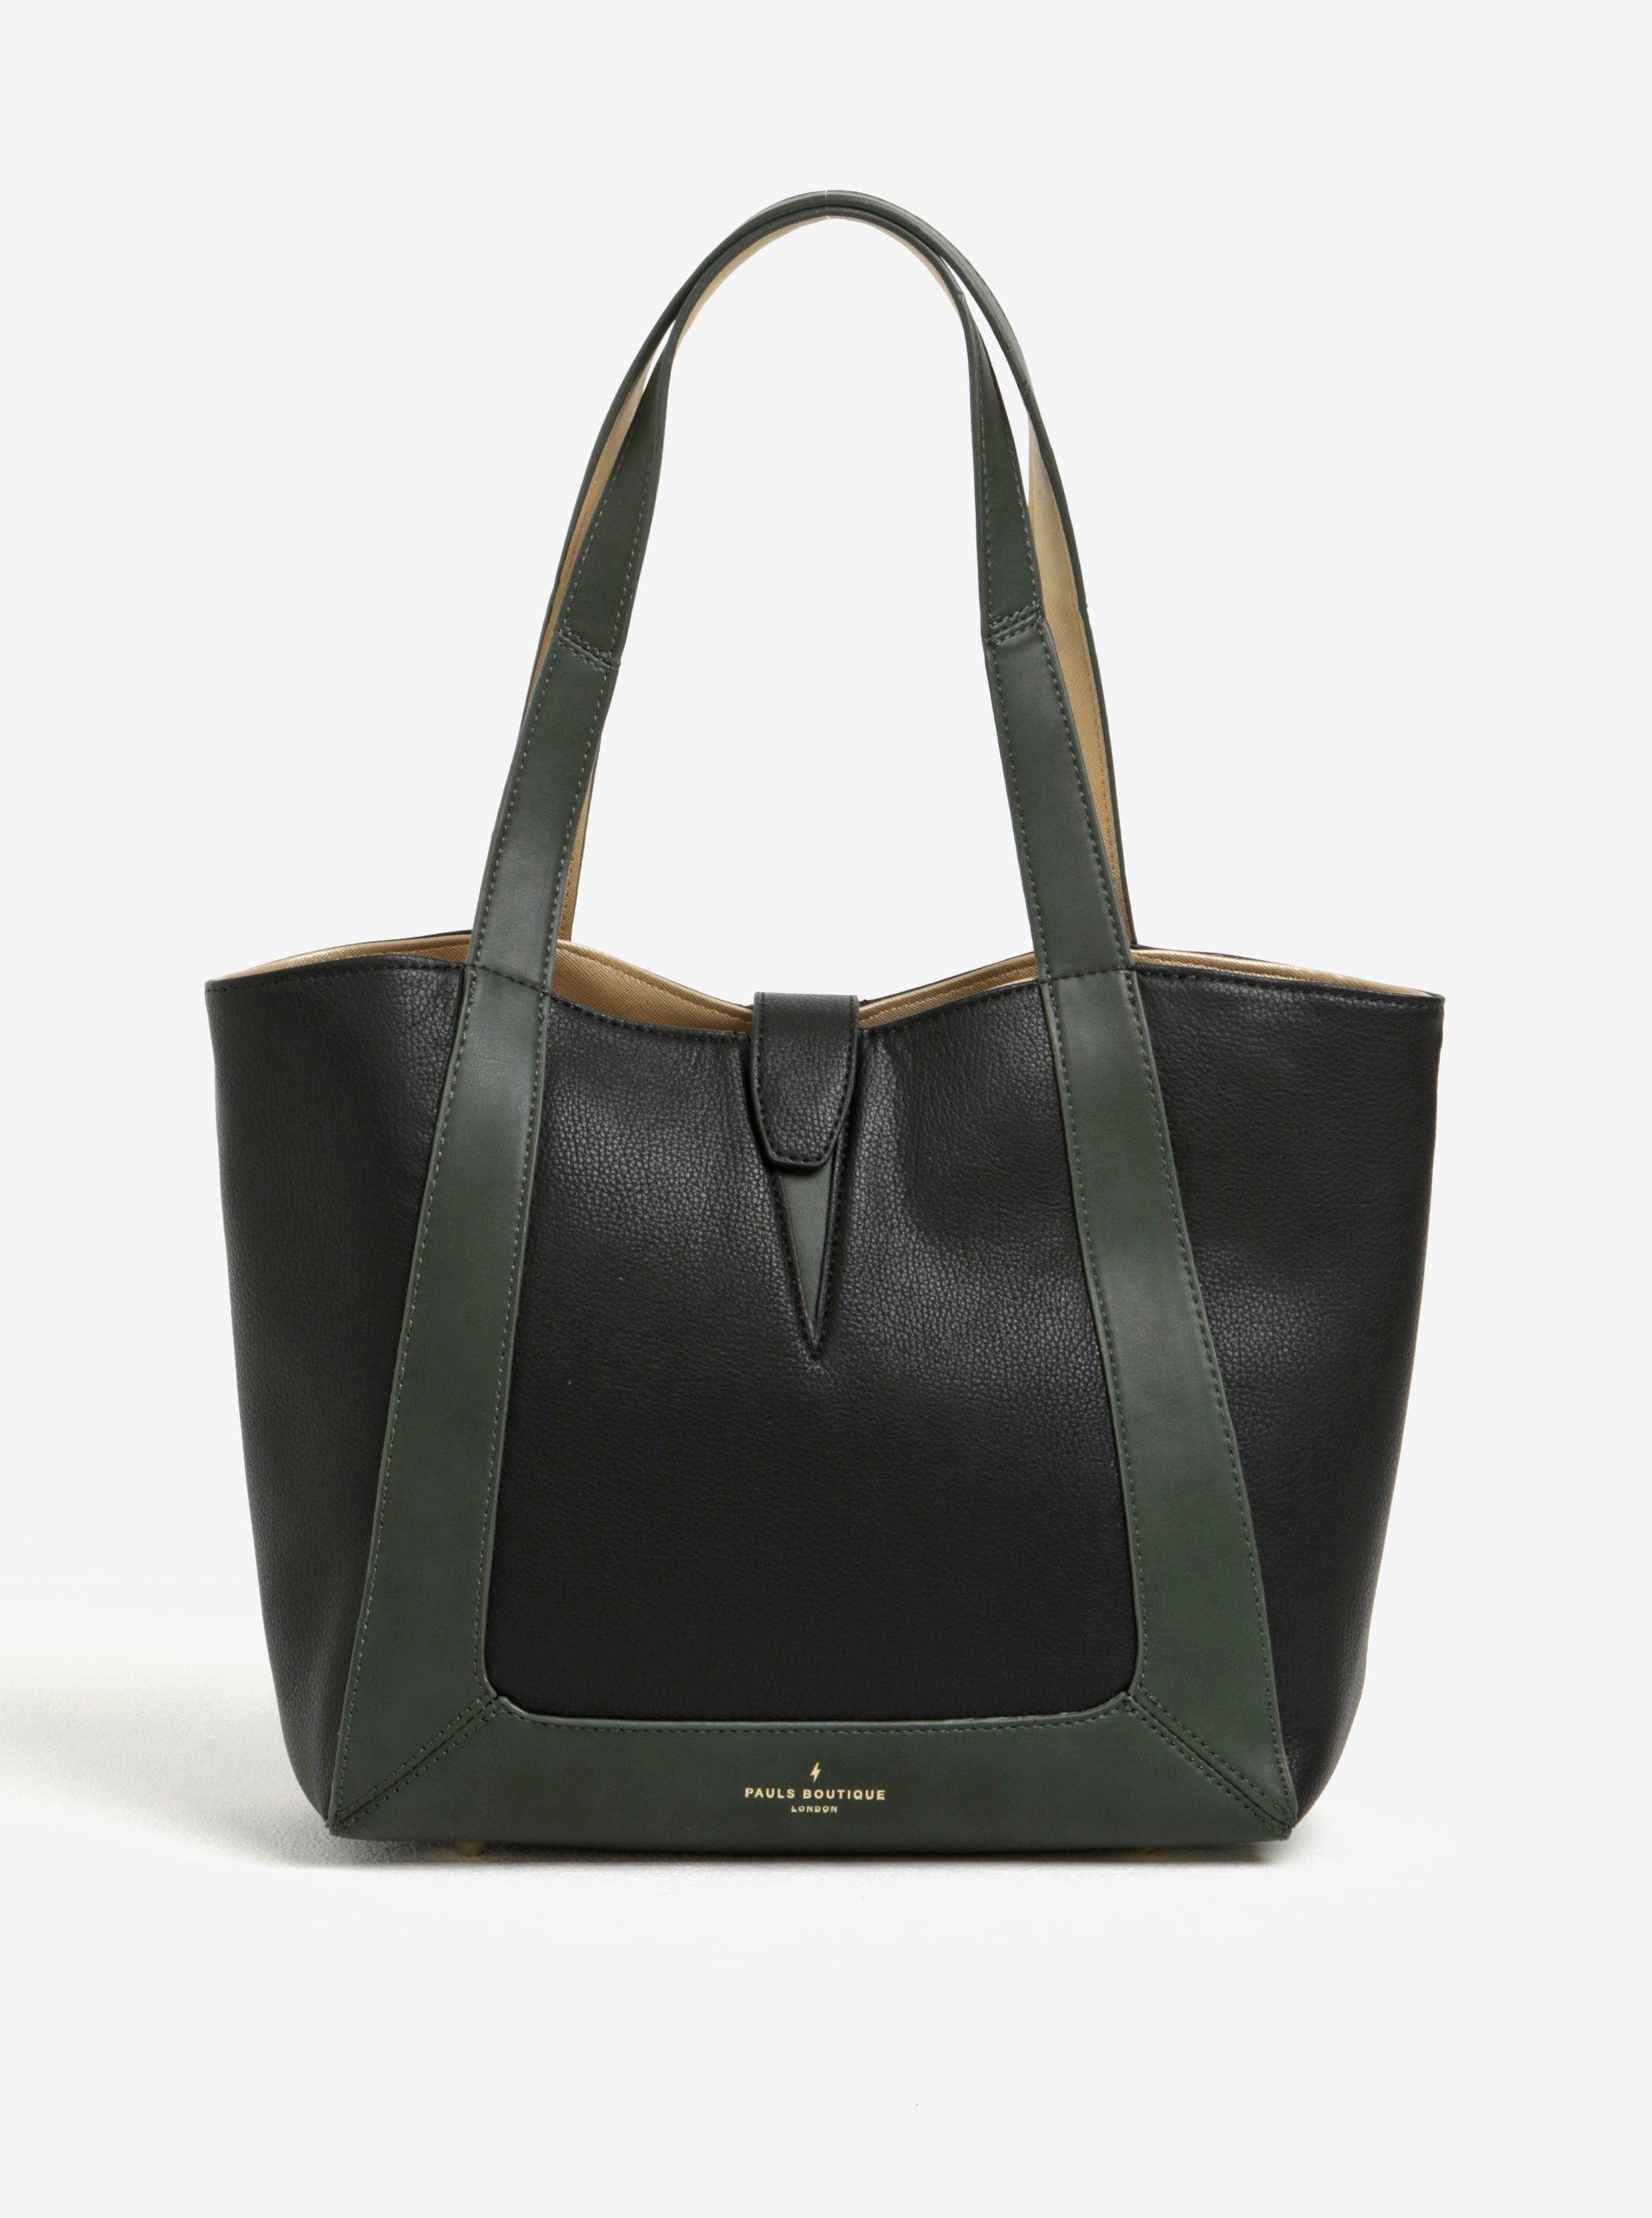 Zeleno-černá kabelka Paul's Boutique Ria